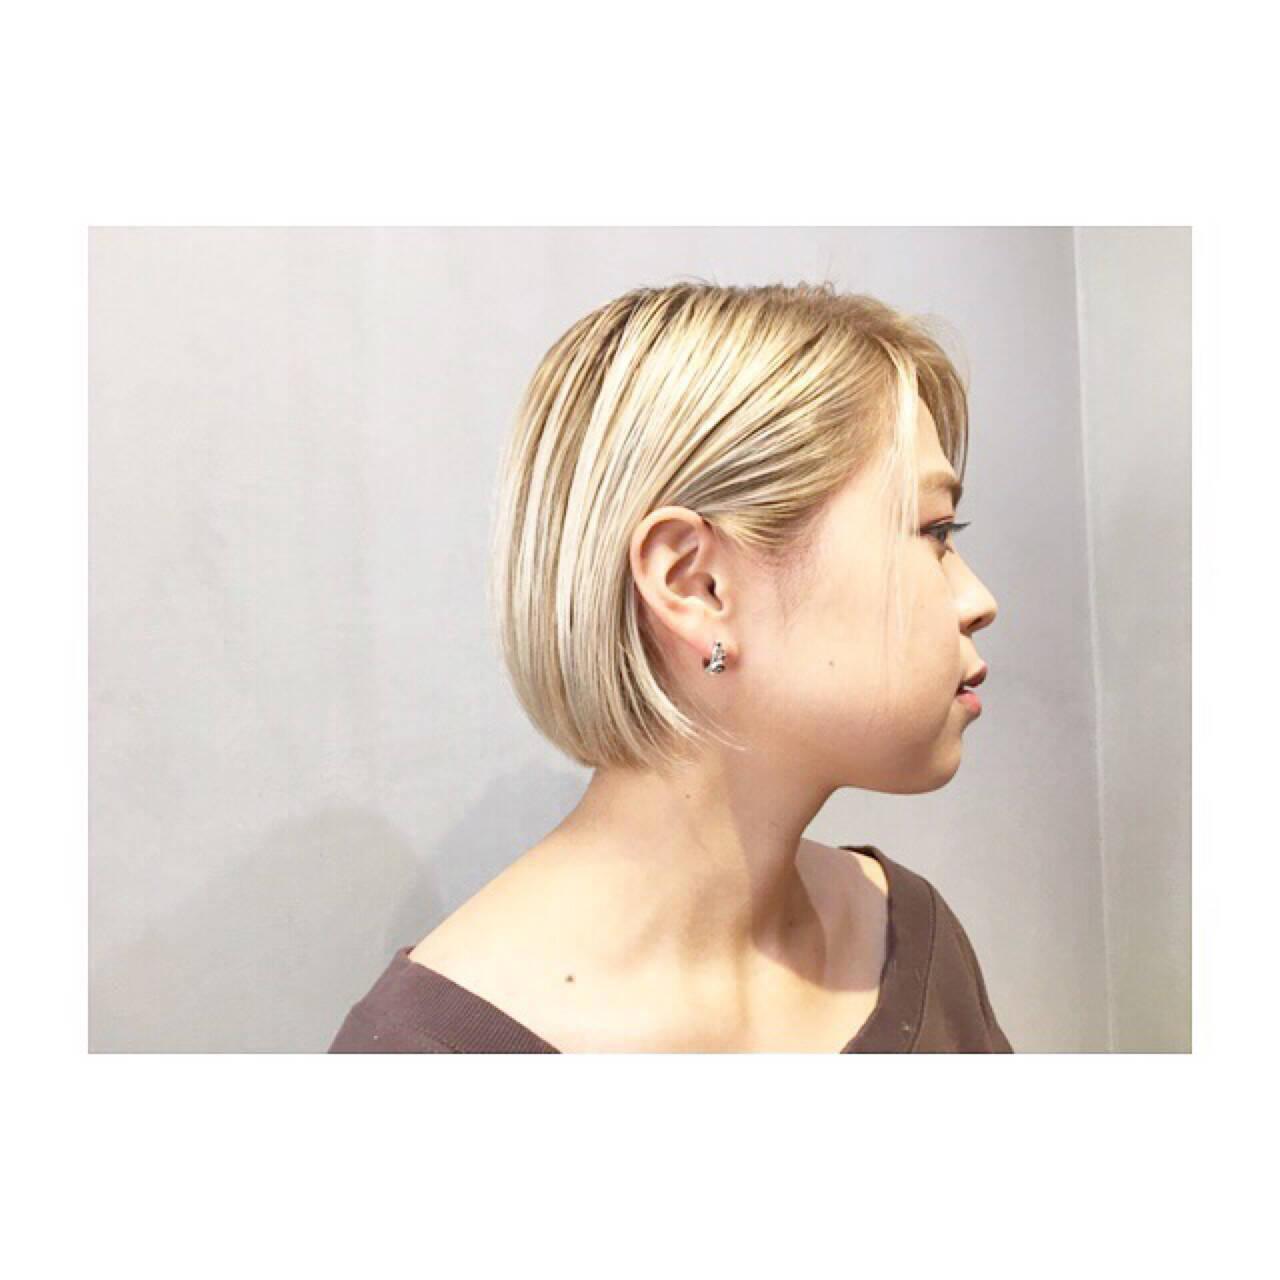 ブルージュ ボブ ネイビー ブルーヘアスタイルや髪型の写真・画像